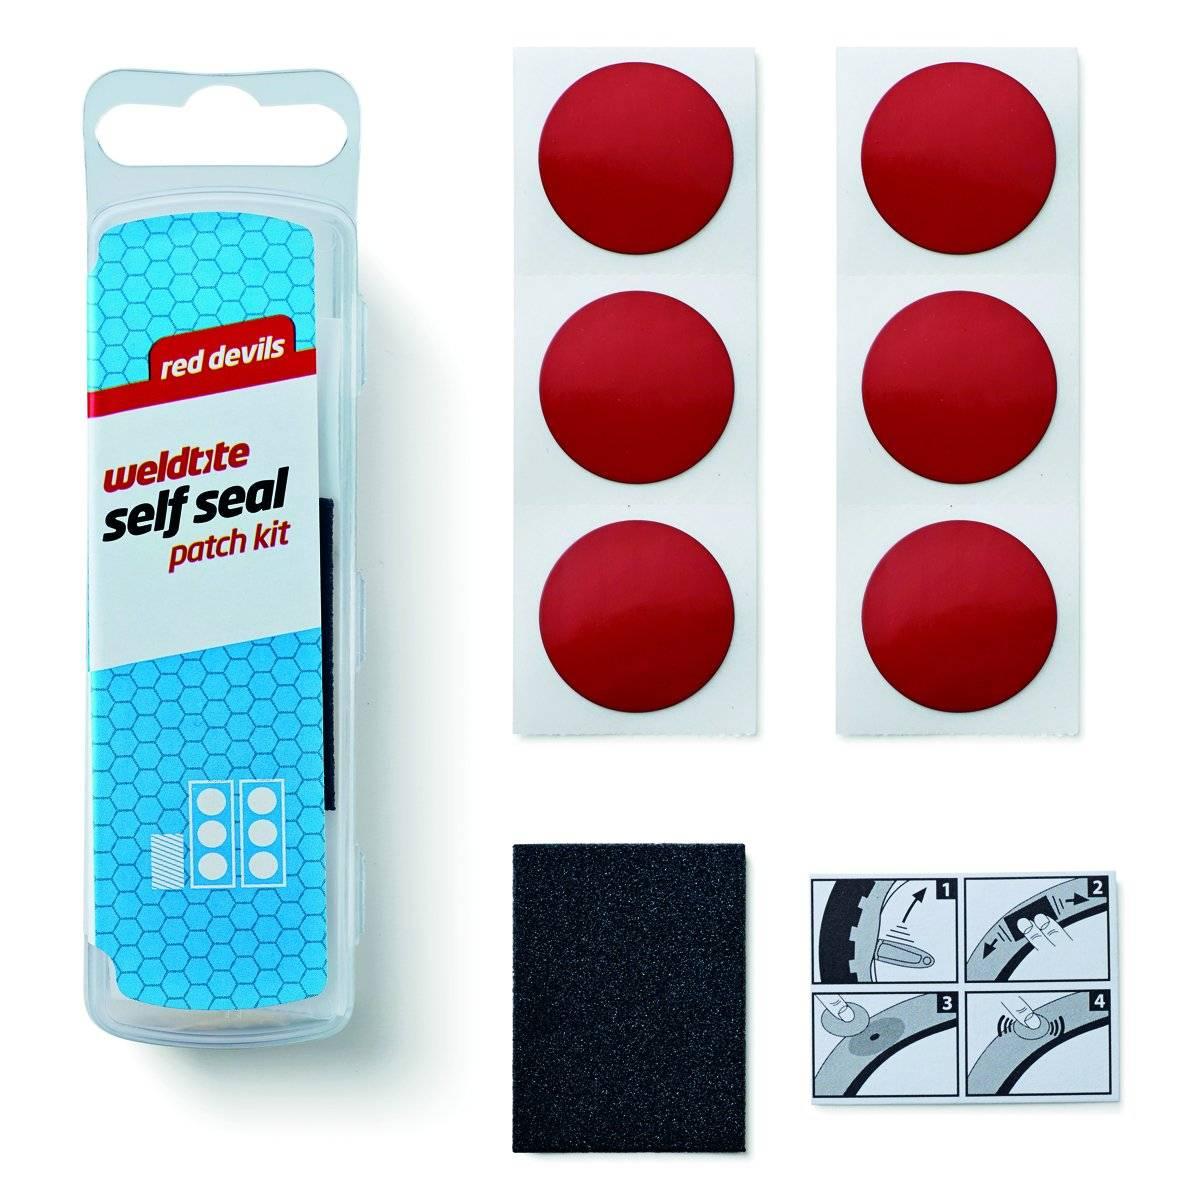 Аптечка RED DEVILS WELDTITE, 6 круглых суперзаплаток-самоклеек, шкурка, инд. уп, 7-01036